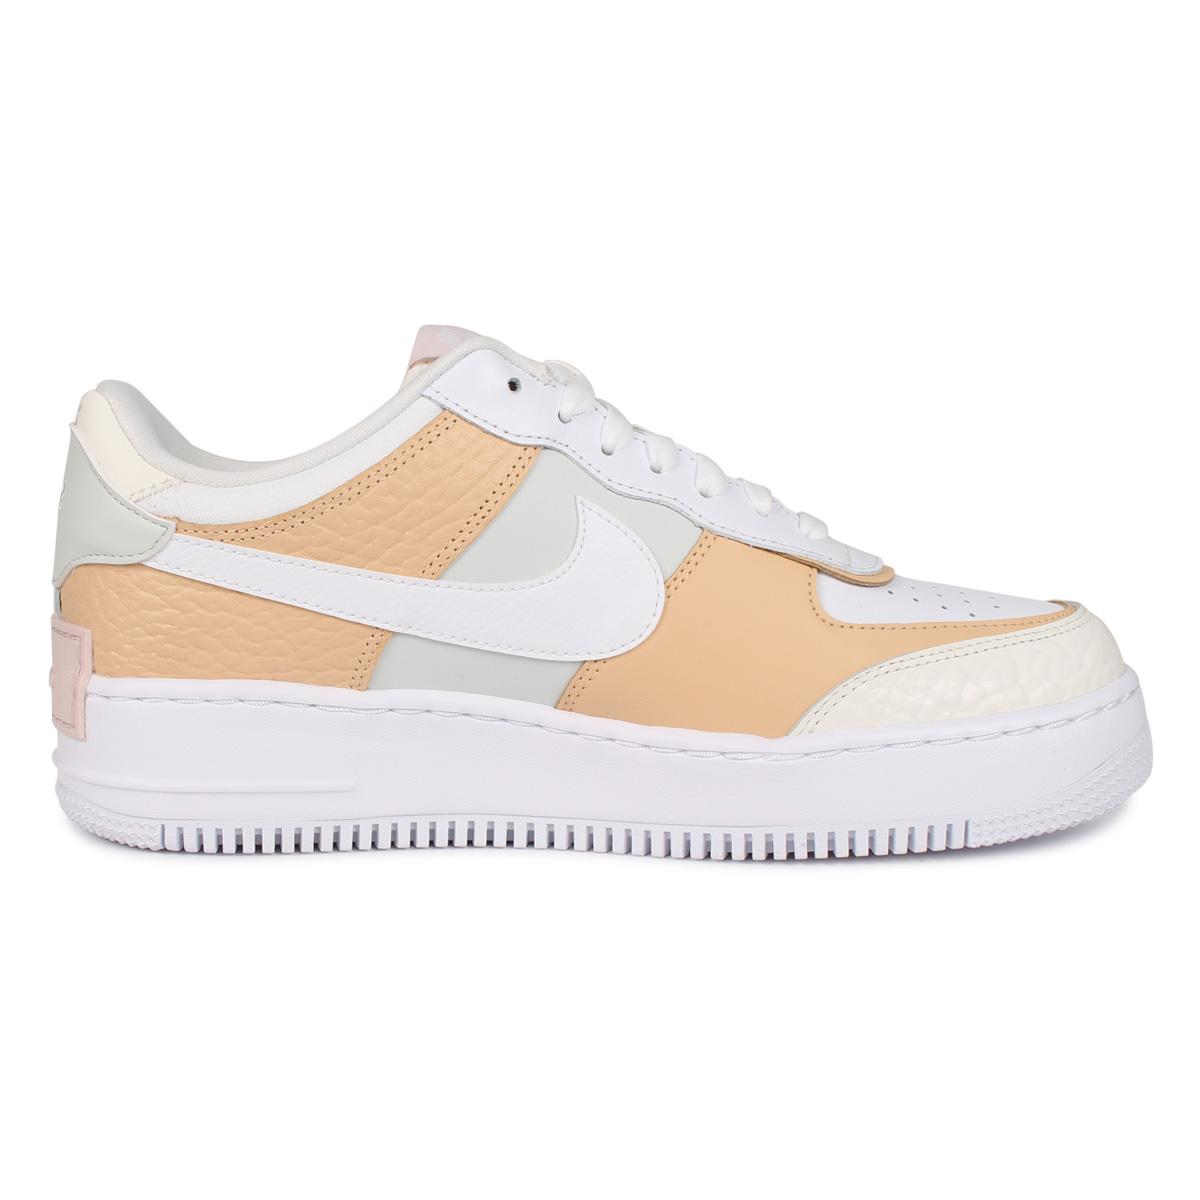 air force 1 shadow sneakers